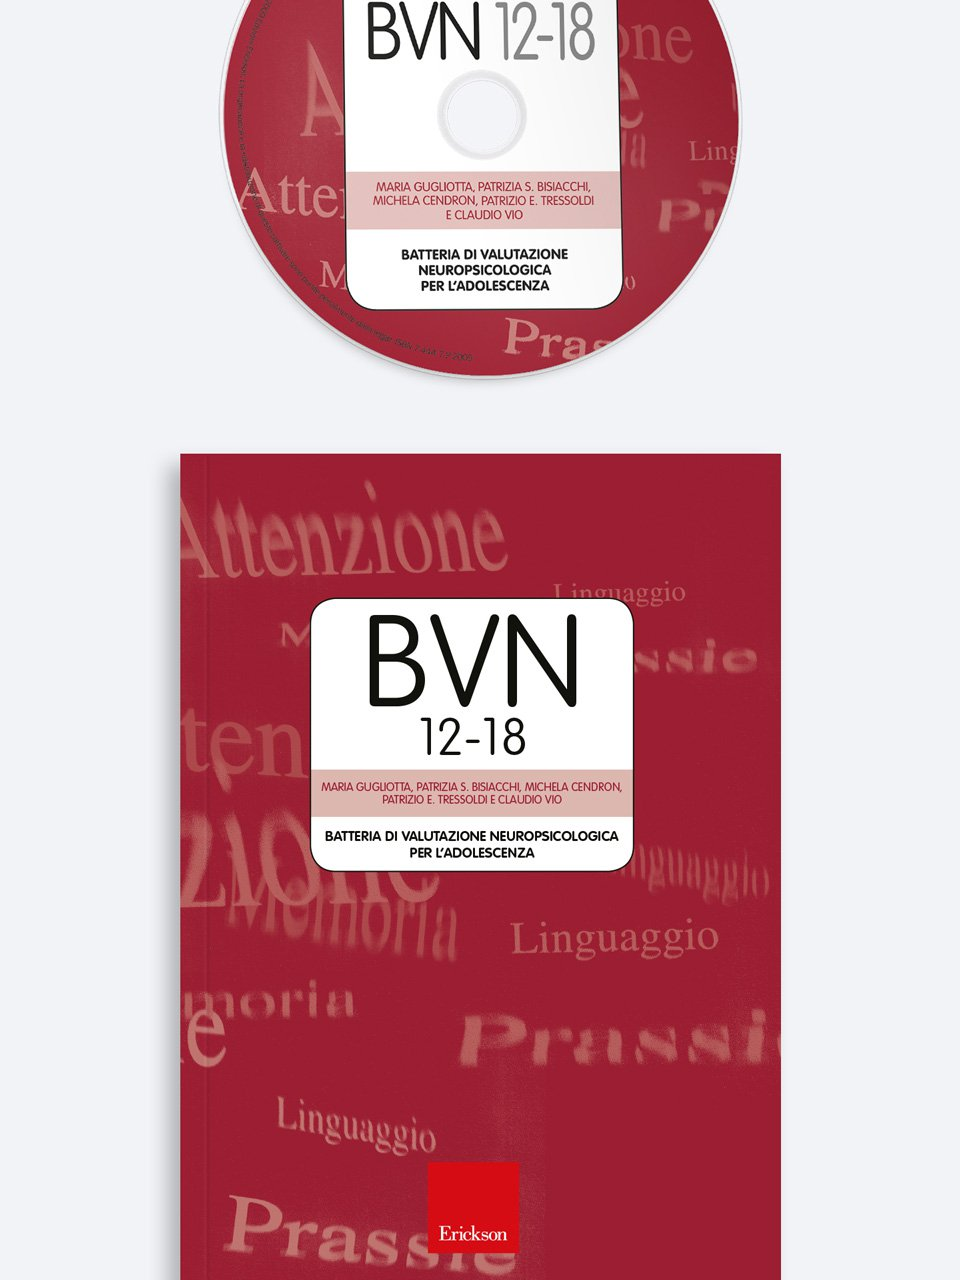 BVN 12-18 - Costruire libri e storie con la CAA - Libri - Erickson